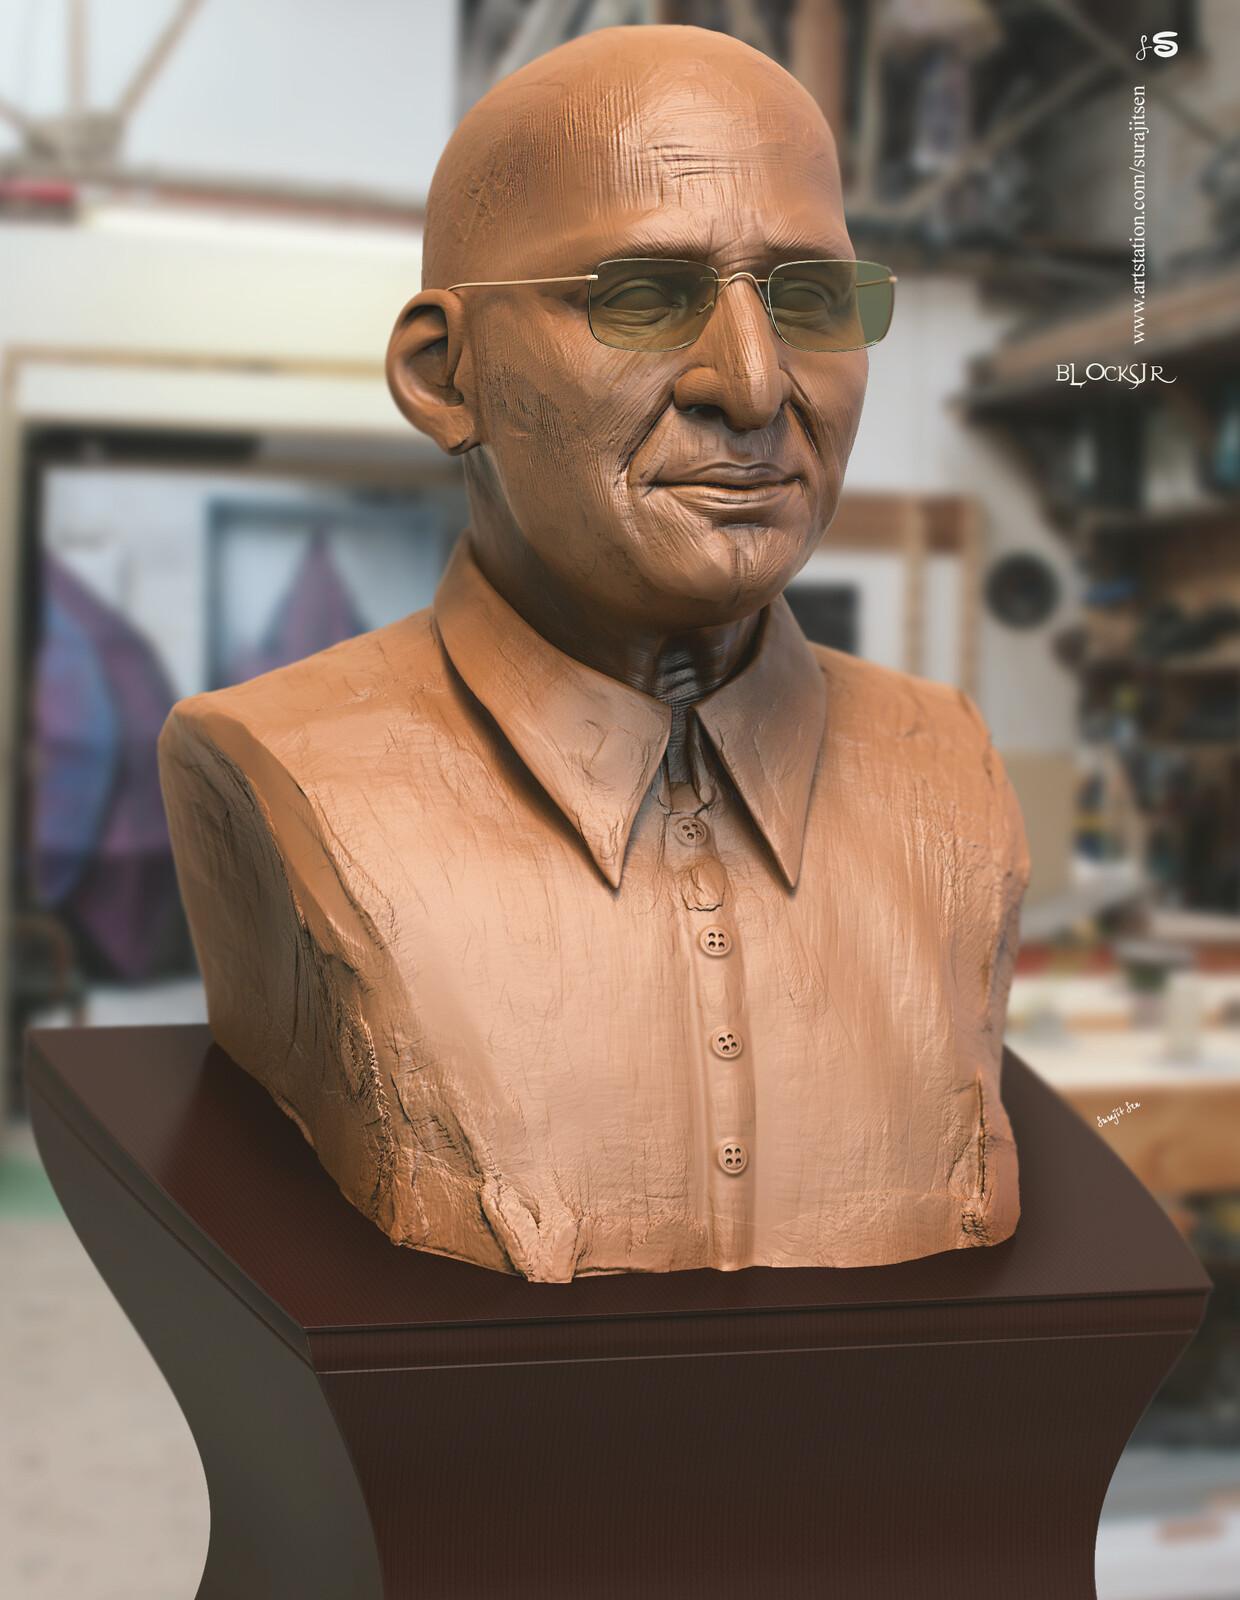 Wish to share my free time Digital Sculpting study... Human Head Sculpture Blocking SJR.